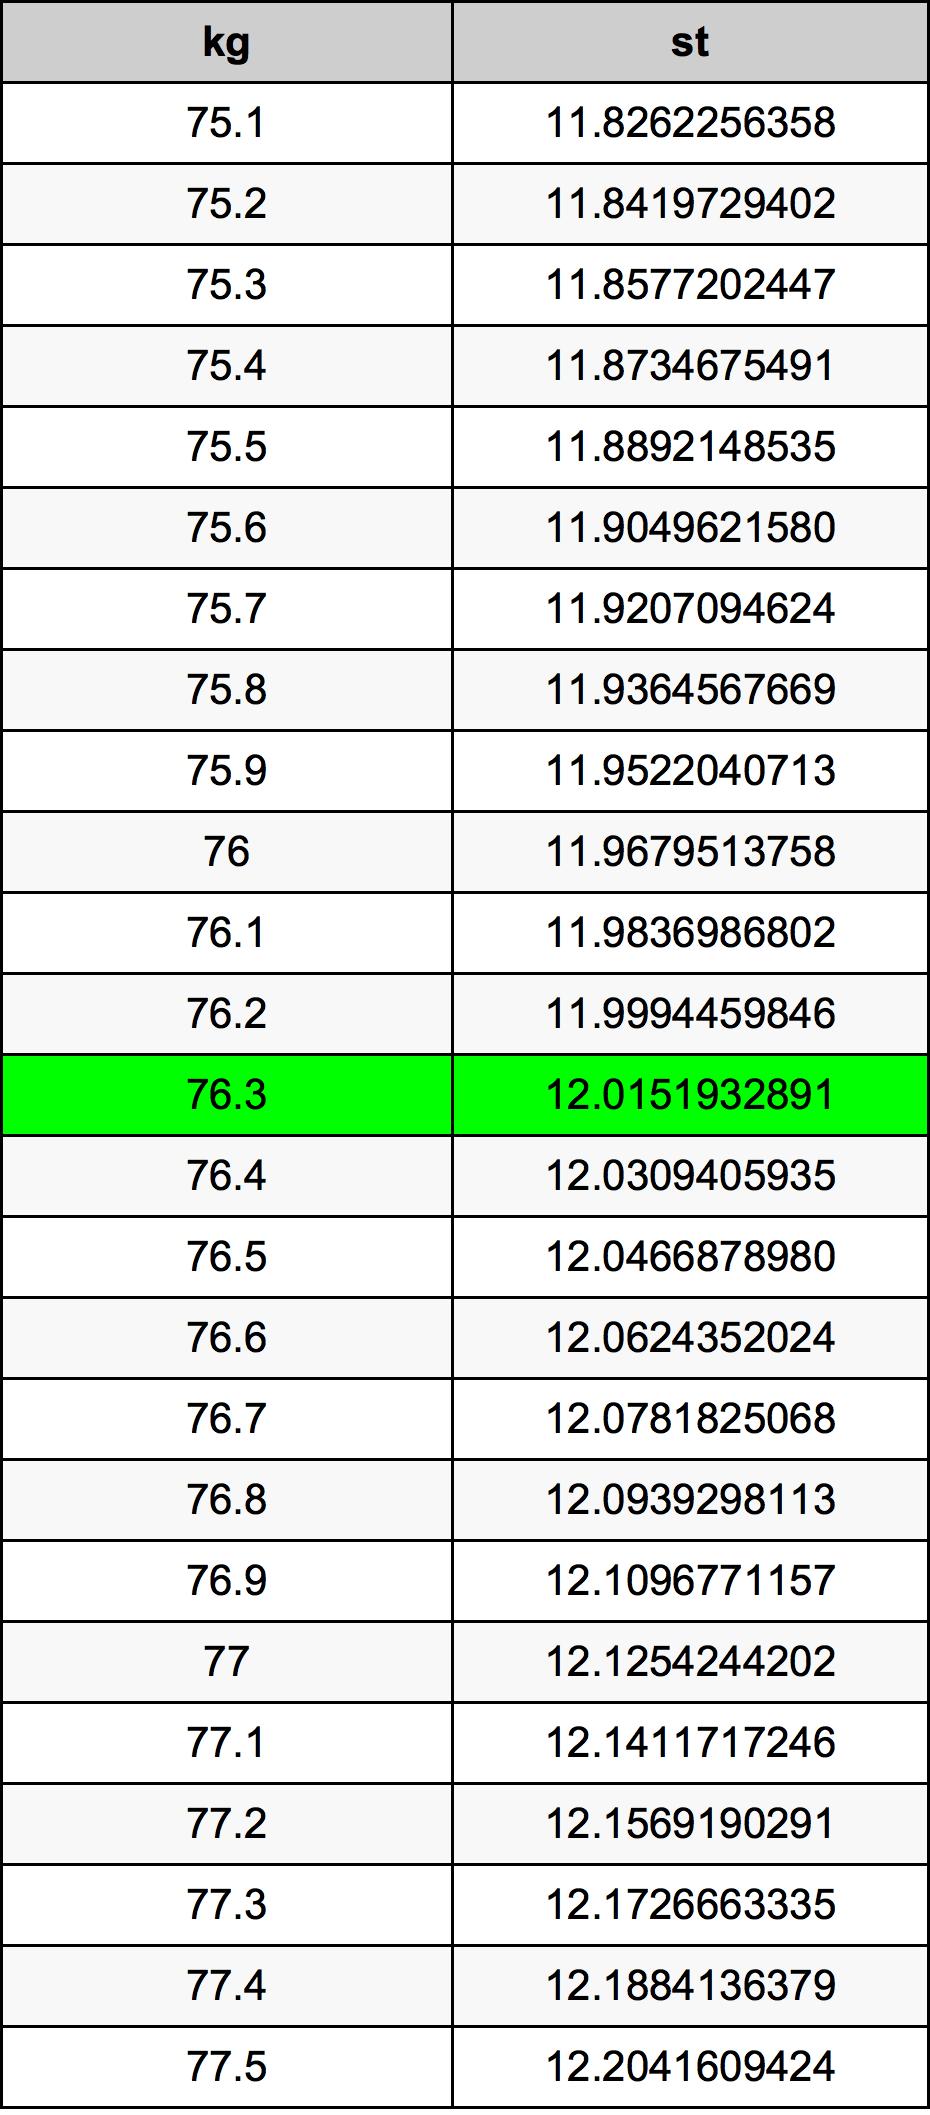 76.3 Kilogramo Tabla de conversión